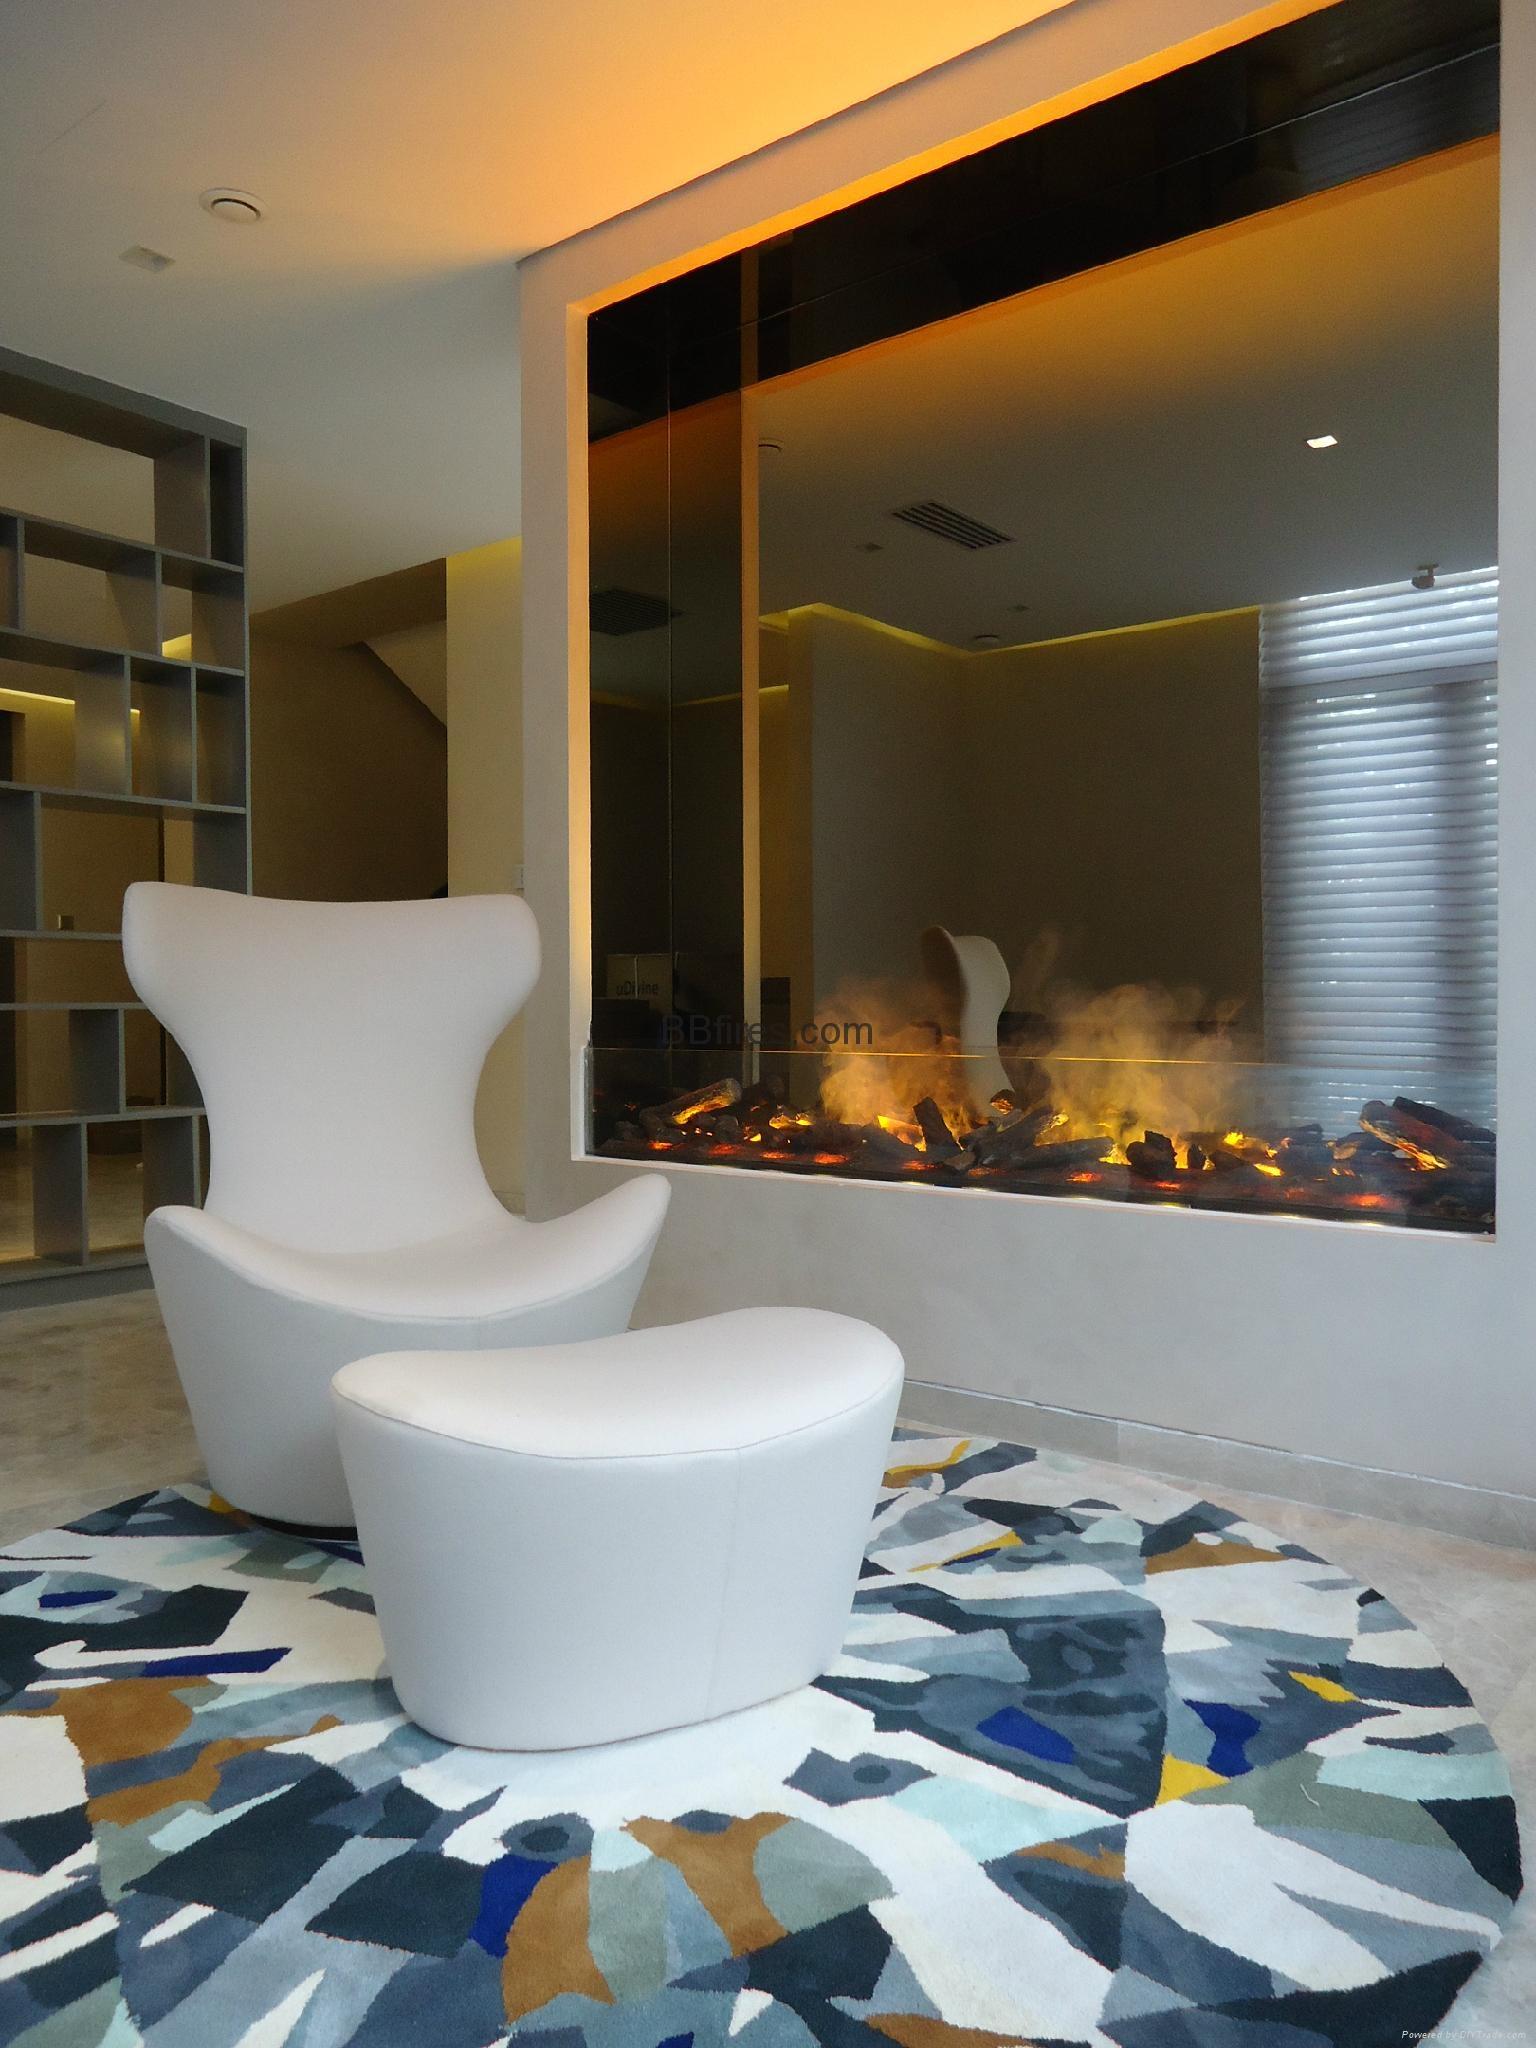 Luzern Boulevard, Kwu Tung 3054mm 3D fireplace